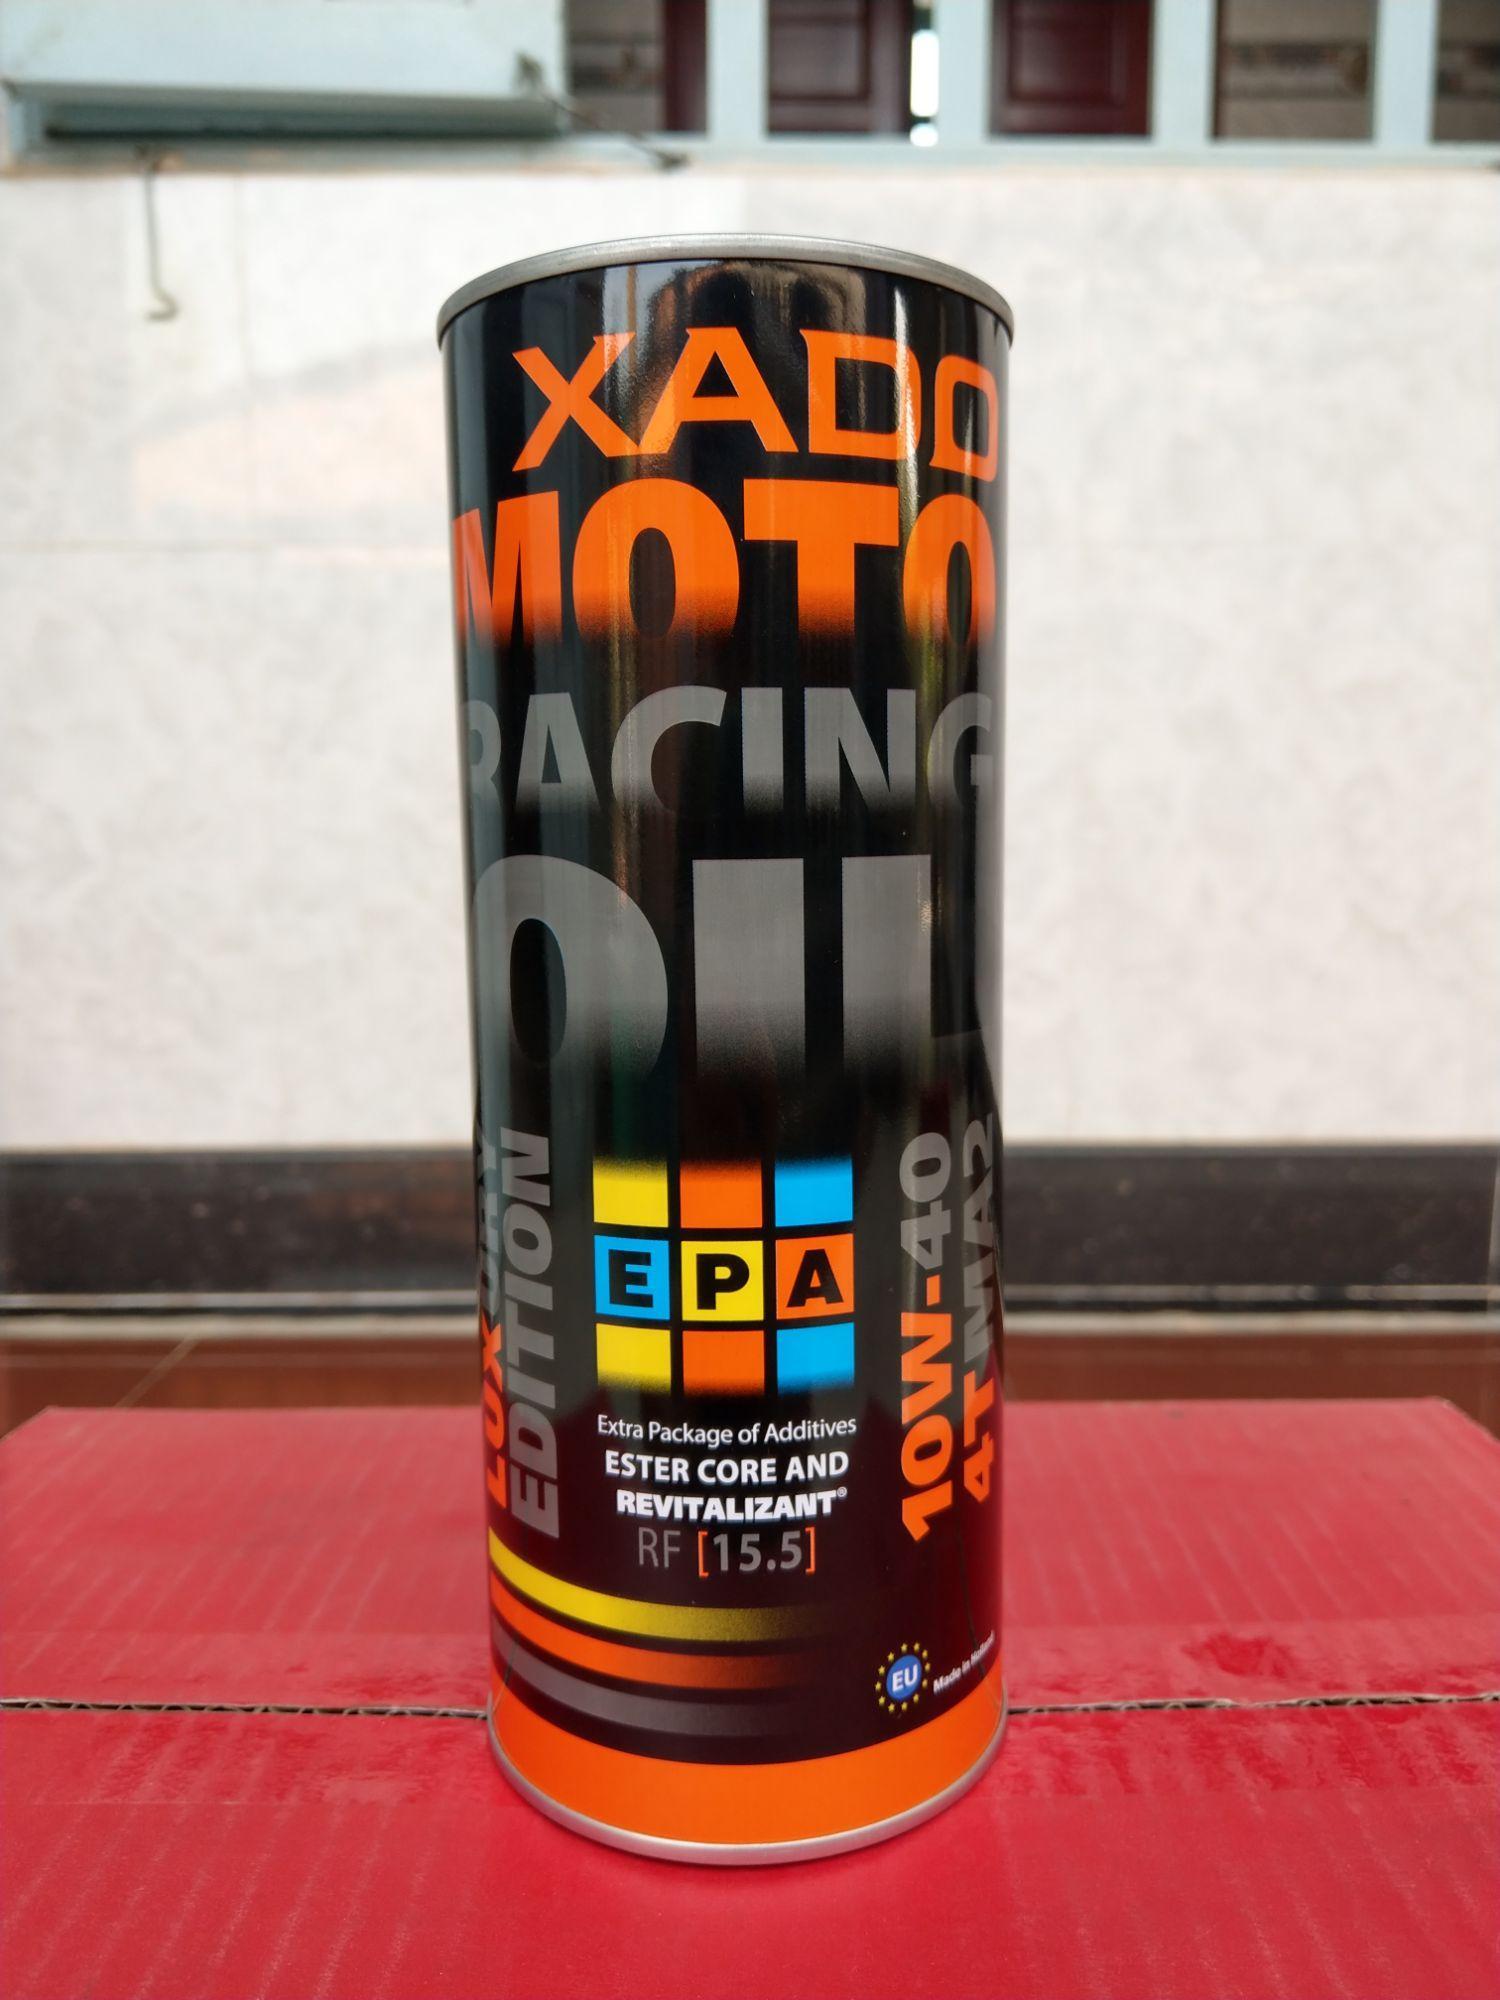 Ưu Đãi Giá cho Dầu Nhớt Xado Racing V2 10W40 1L (100% Tổng Hợp)